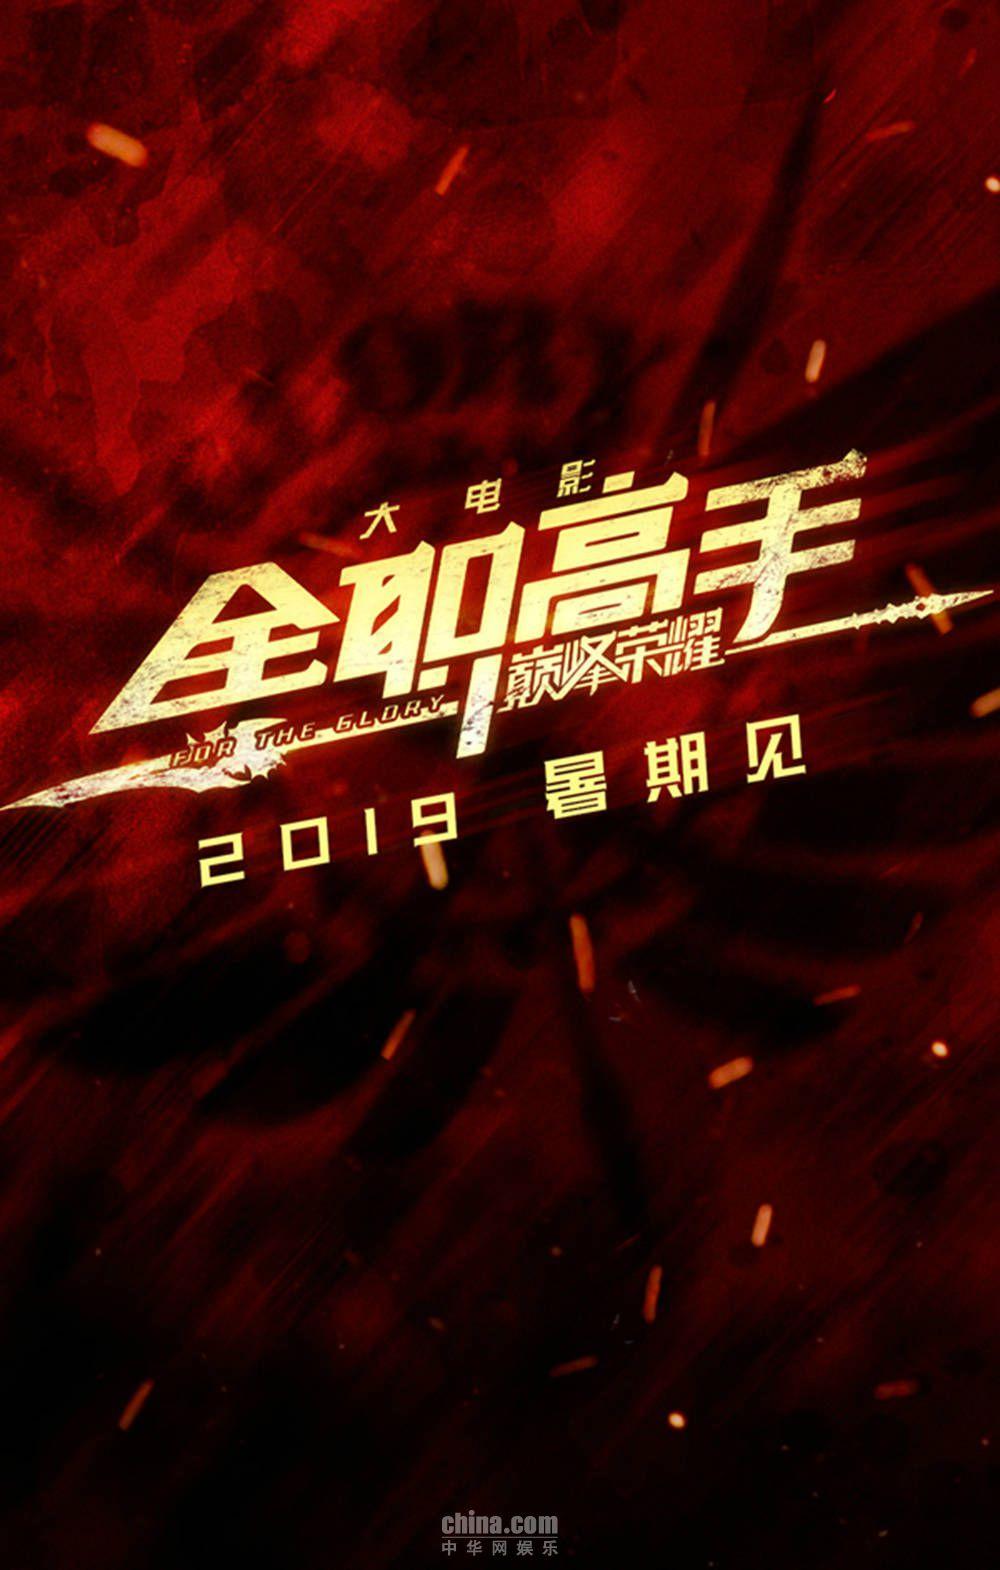 《全职高手之巅峰荣耀》定档暑期 首部电竞ip国漫